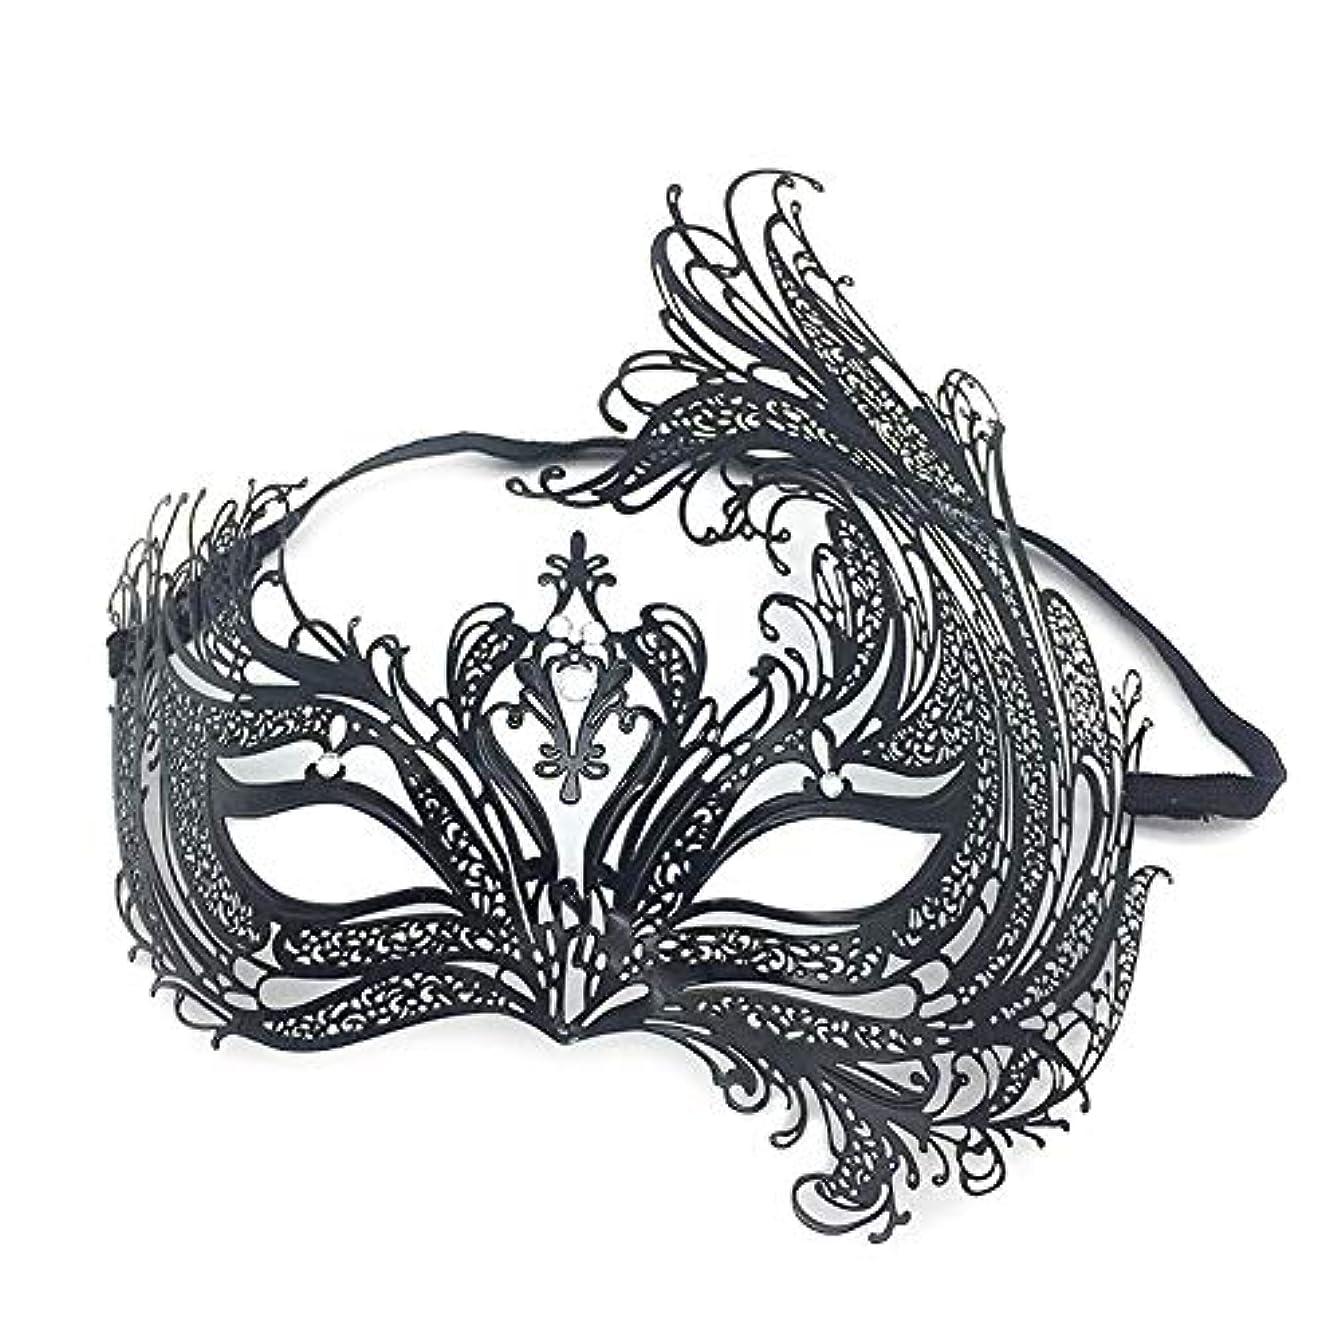 従事した菊バレーボールダンスマスク 仮面舞踏会パーティーブラックセクシーハーフフェイスフェニックスハロウィーンロールプレイングメタルマスクガール ホリデーパーティー用品 (色 : ブラック, サイズ : 20x19cm)